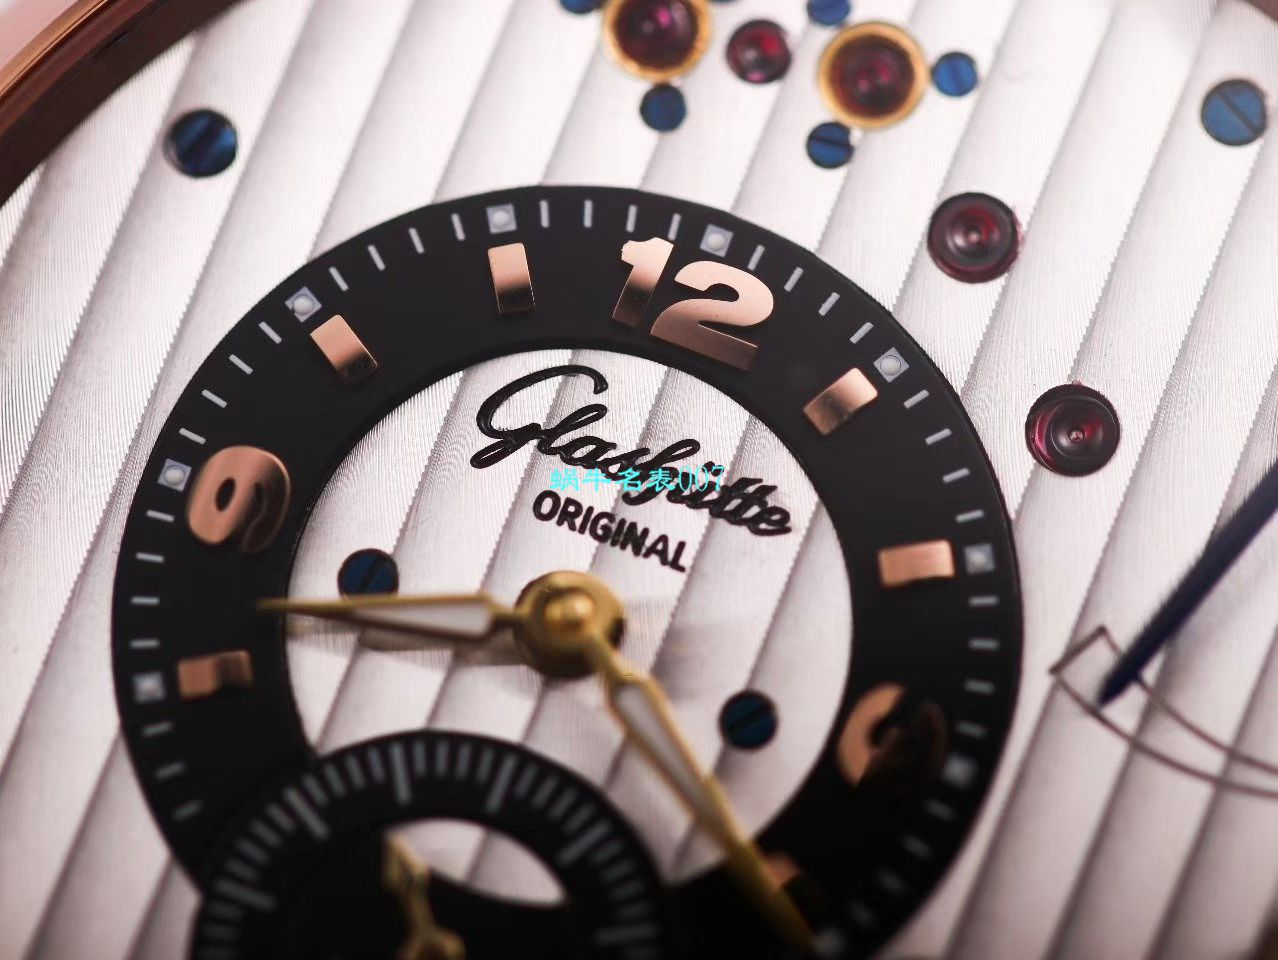 【TZ厂顶级复刻手表】格拉苏蒂原创偏心系列1-66-06-04-22-05腕表 / GLA060